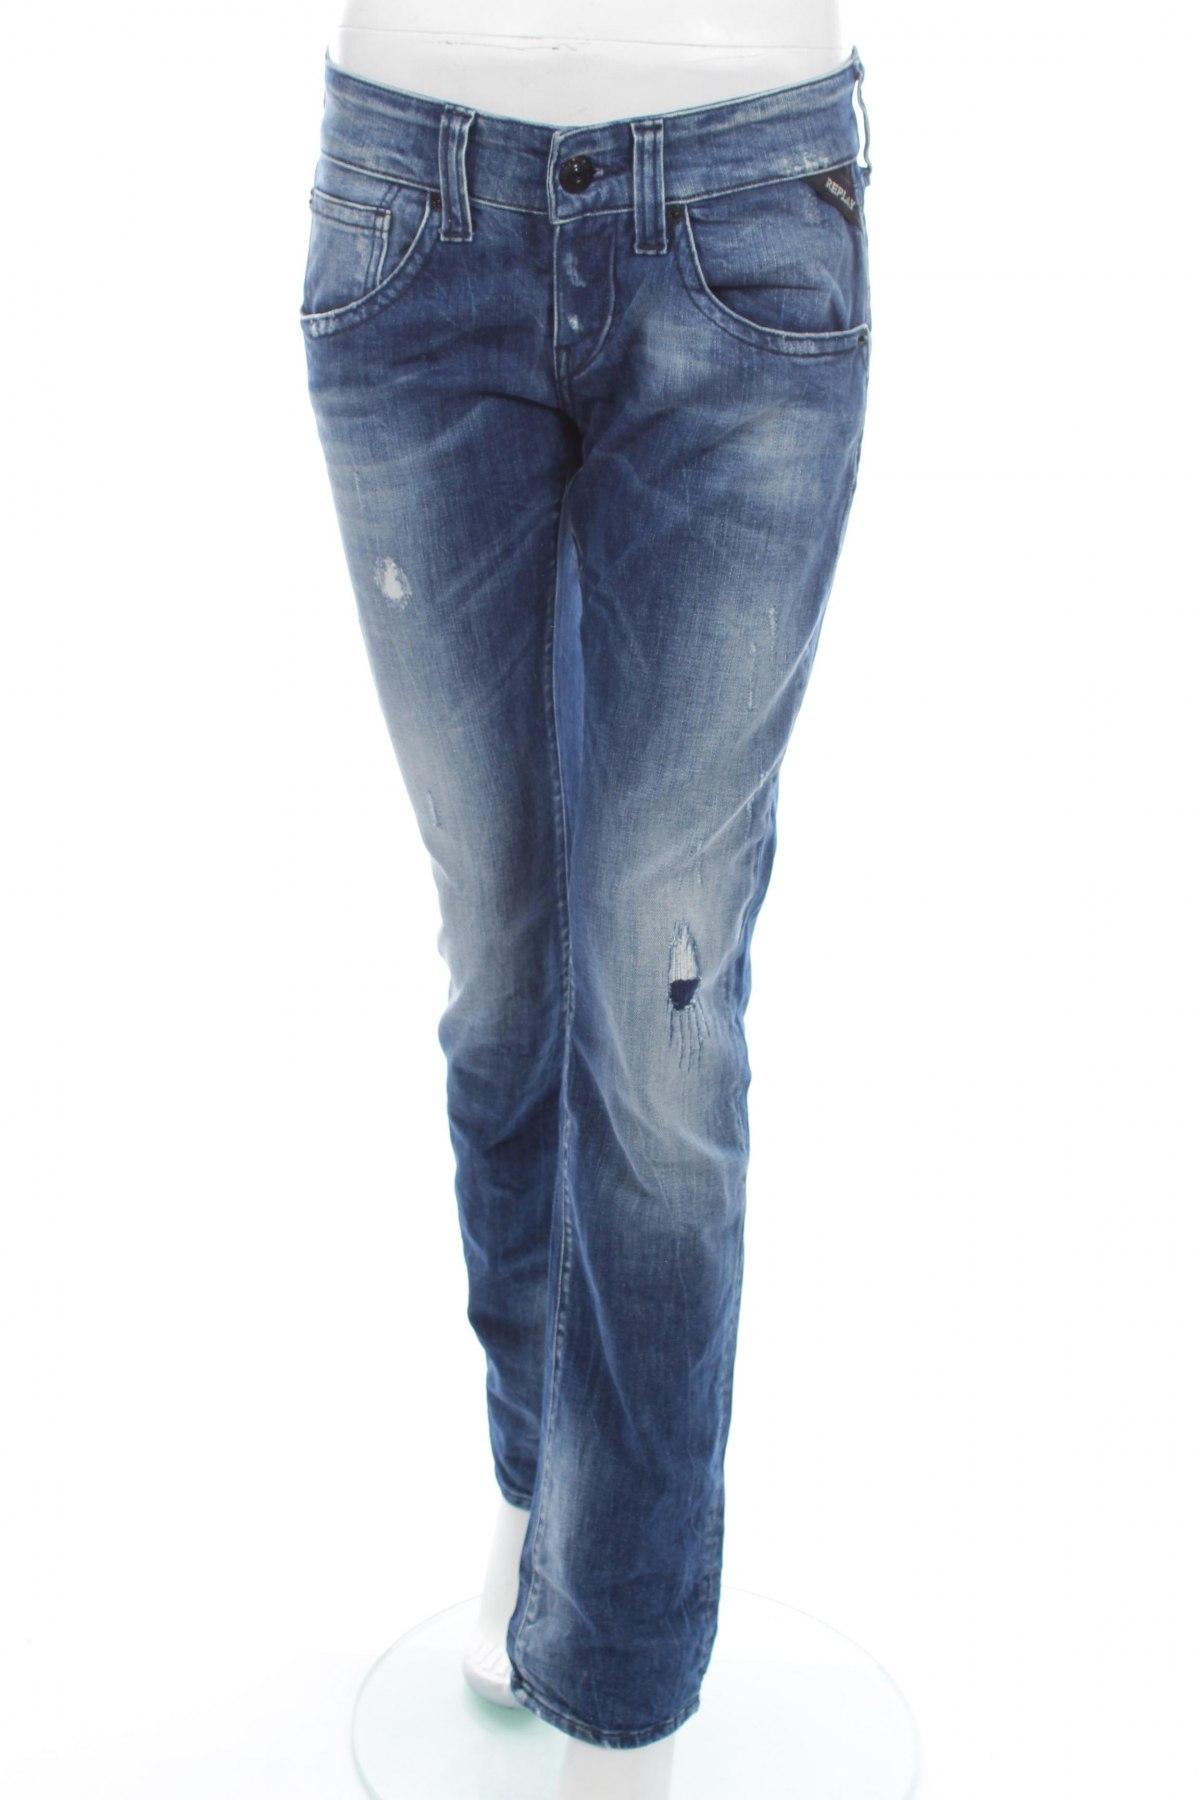 Dámské džíny Replay - koupit za vyhodné ceny na Remix -  101248407 7bcdbf260f